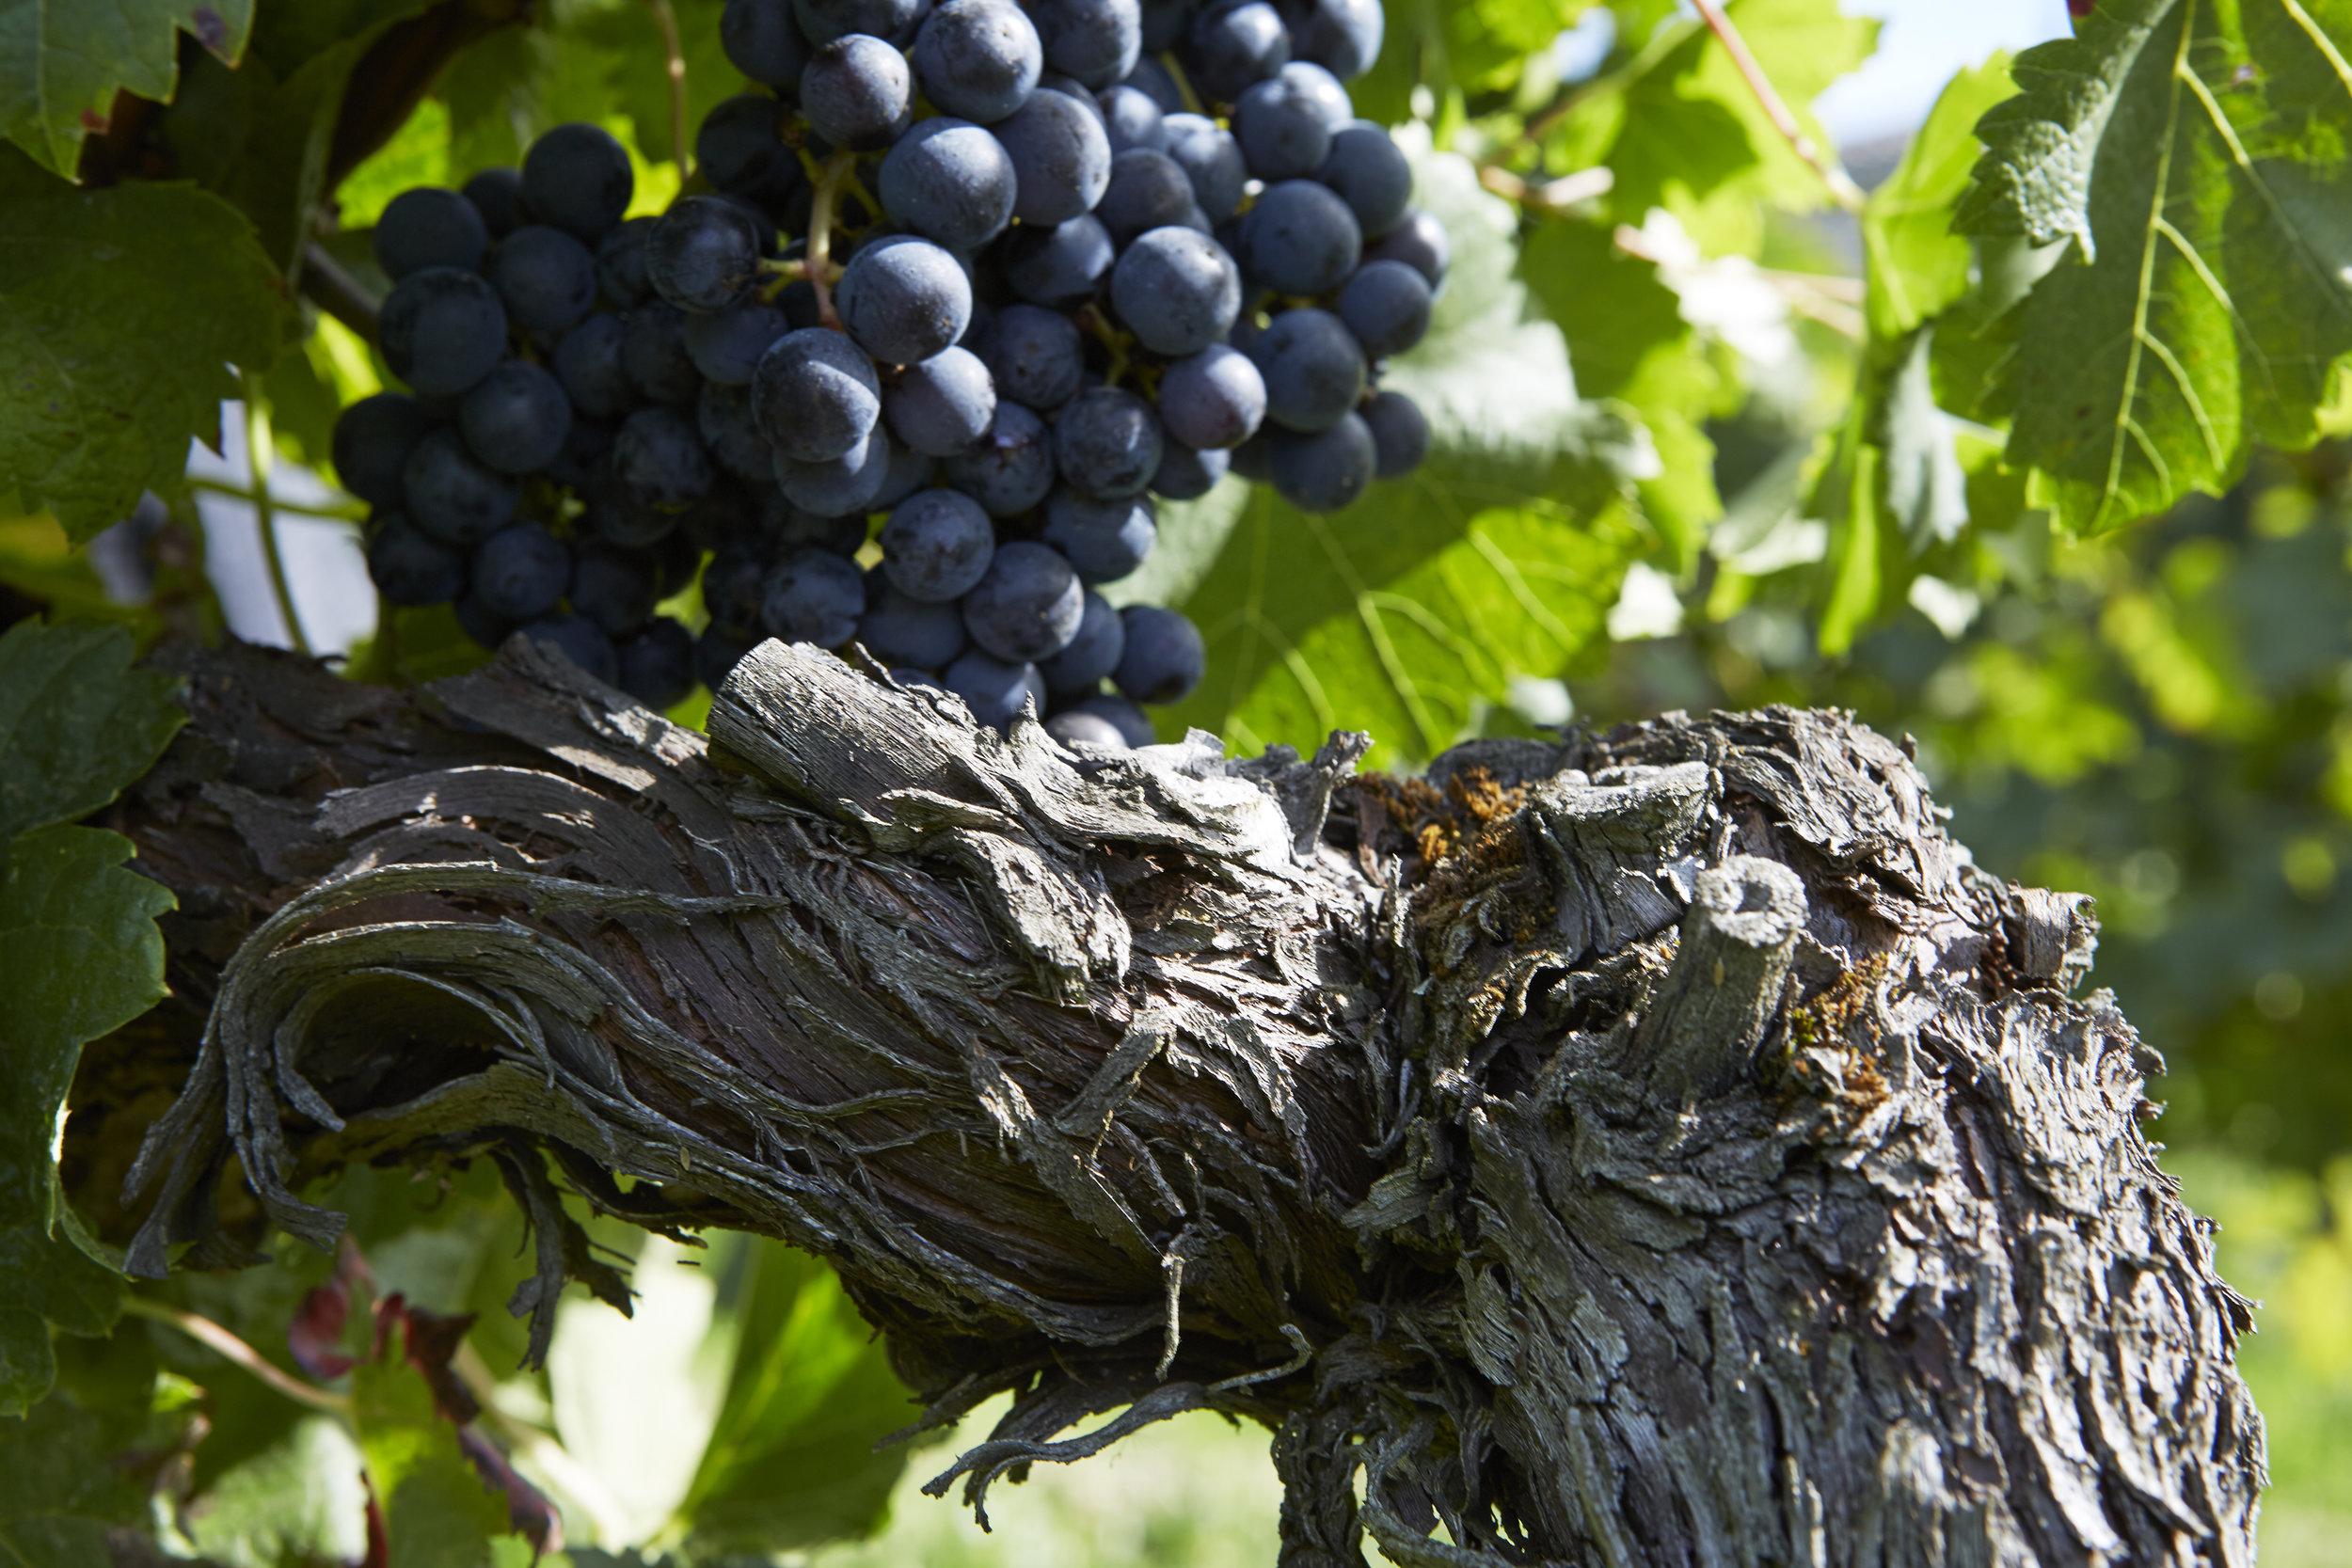 Vines at Chateau de la Dauphine (Image: Chateau source)